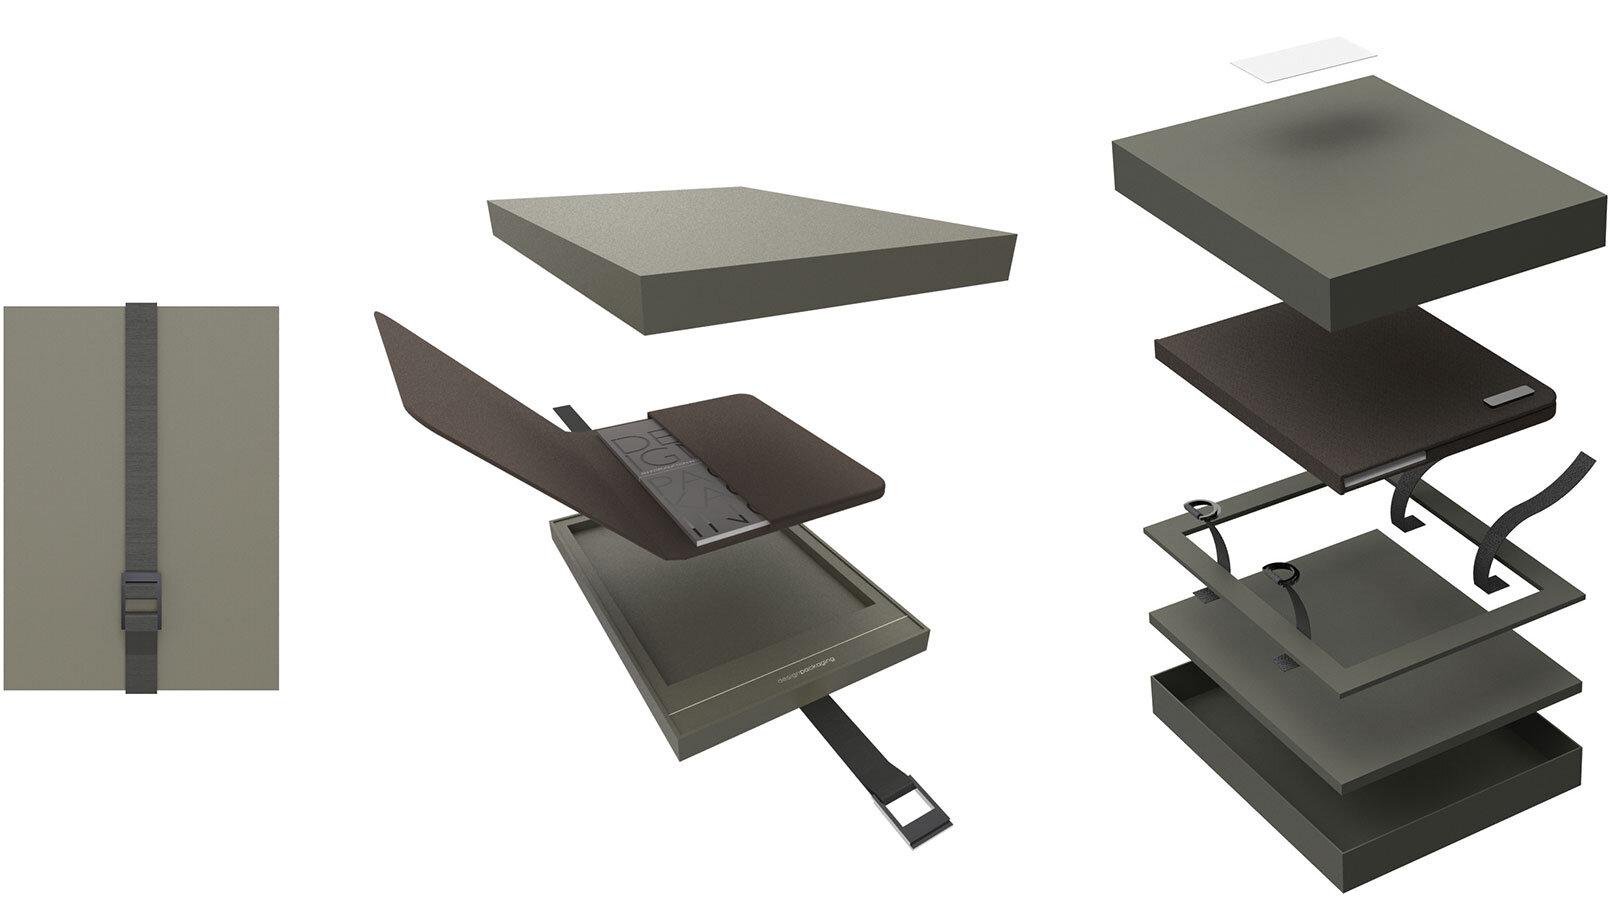 设计 - 包装 - 促销 - 奢华套装 - 刚性箱切割和缝合带-5.jpg